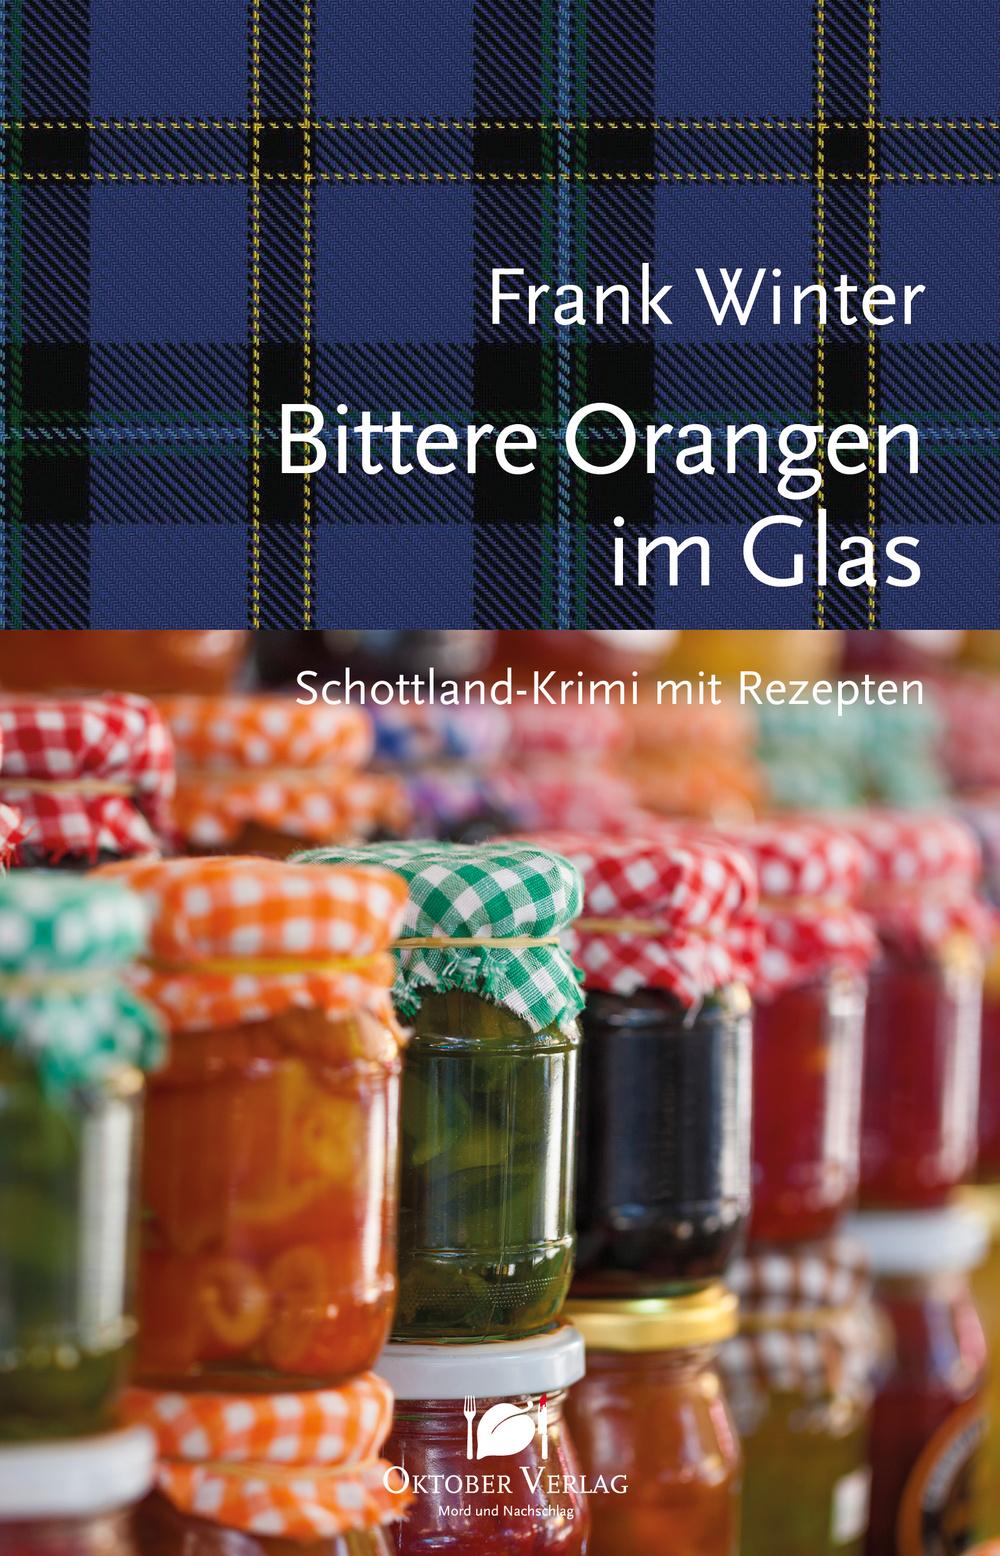 Frank Winter Bittere Orangen im Glas Schottland Krimi mit Rezepten